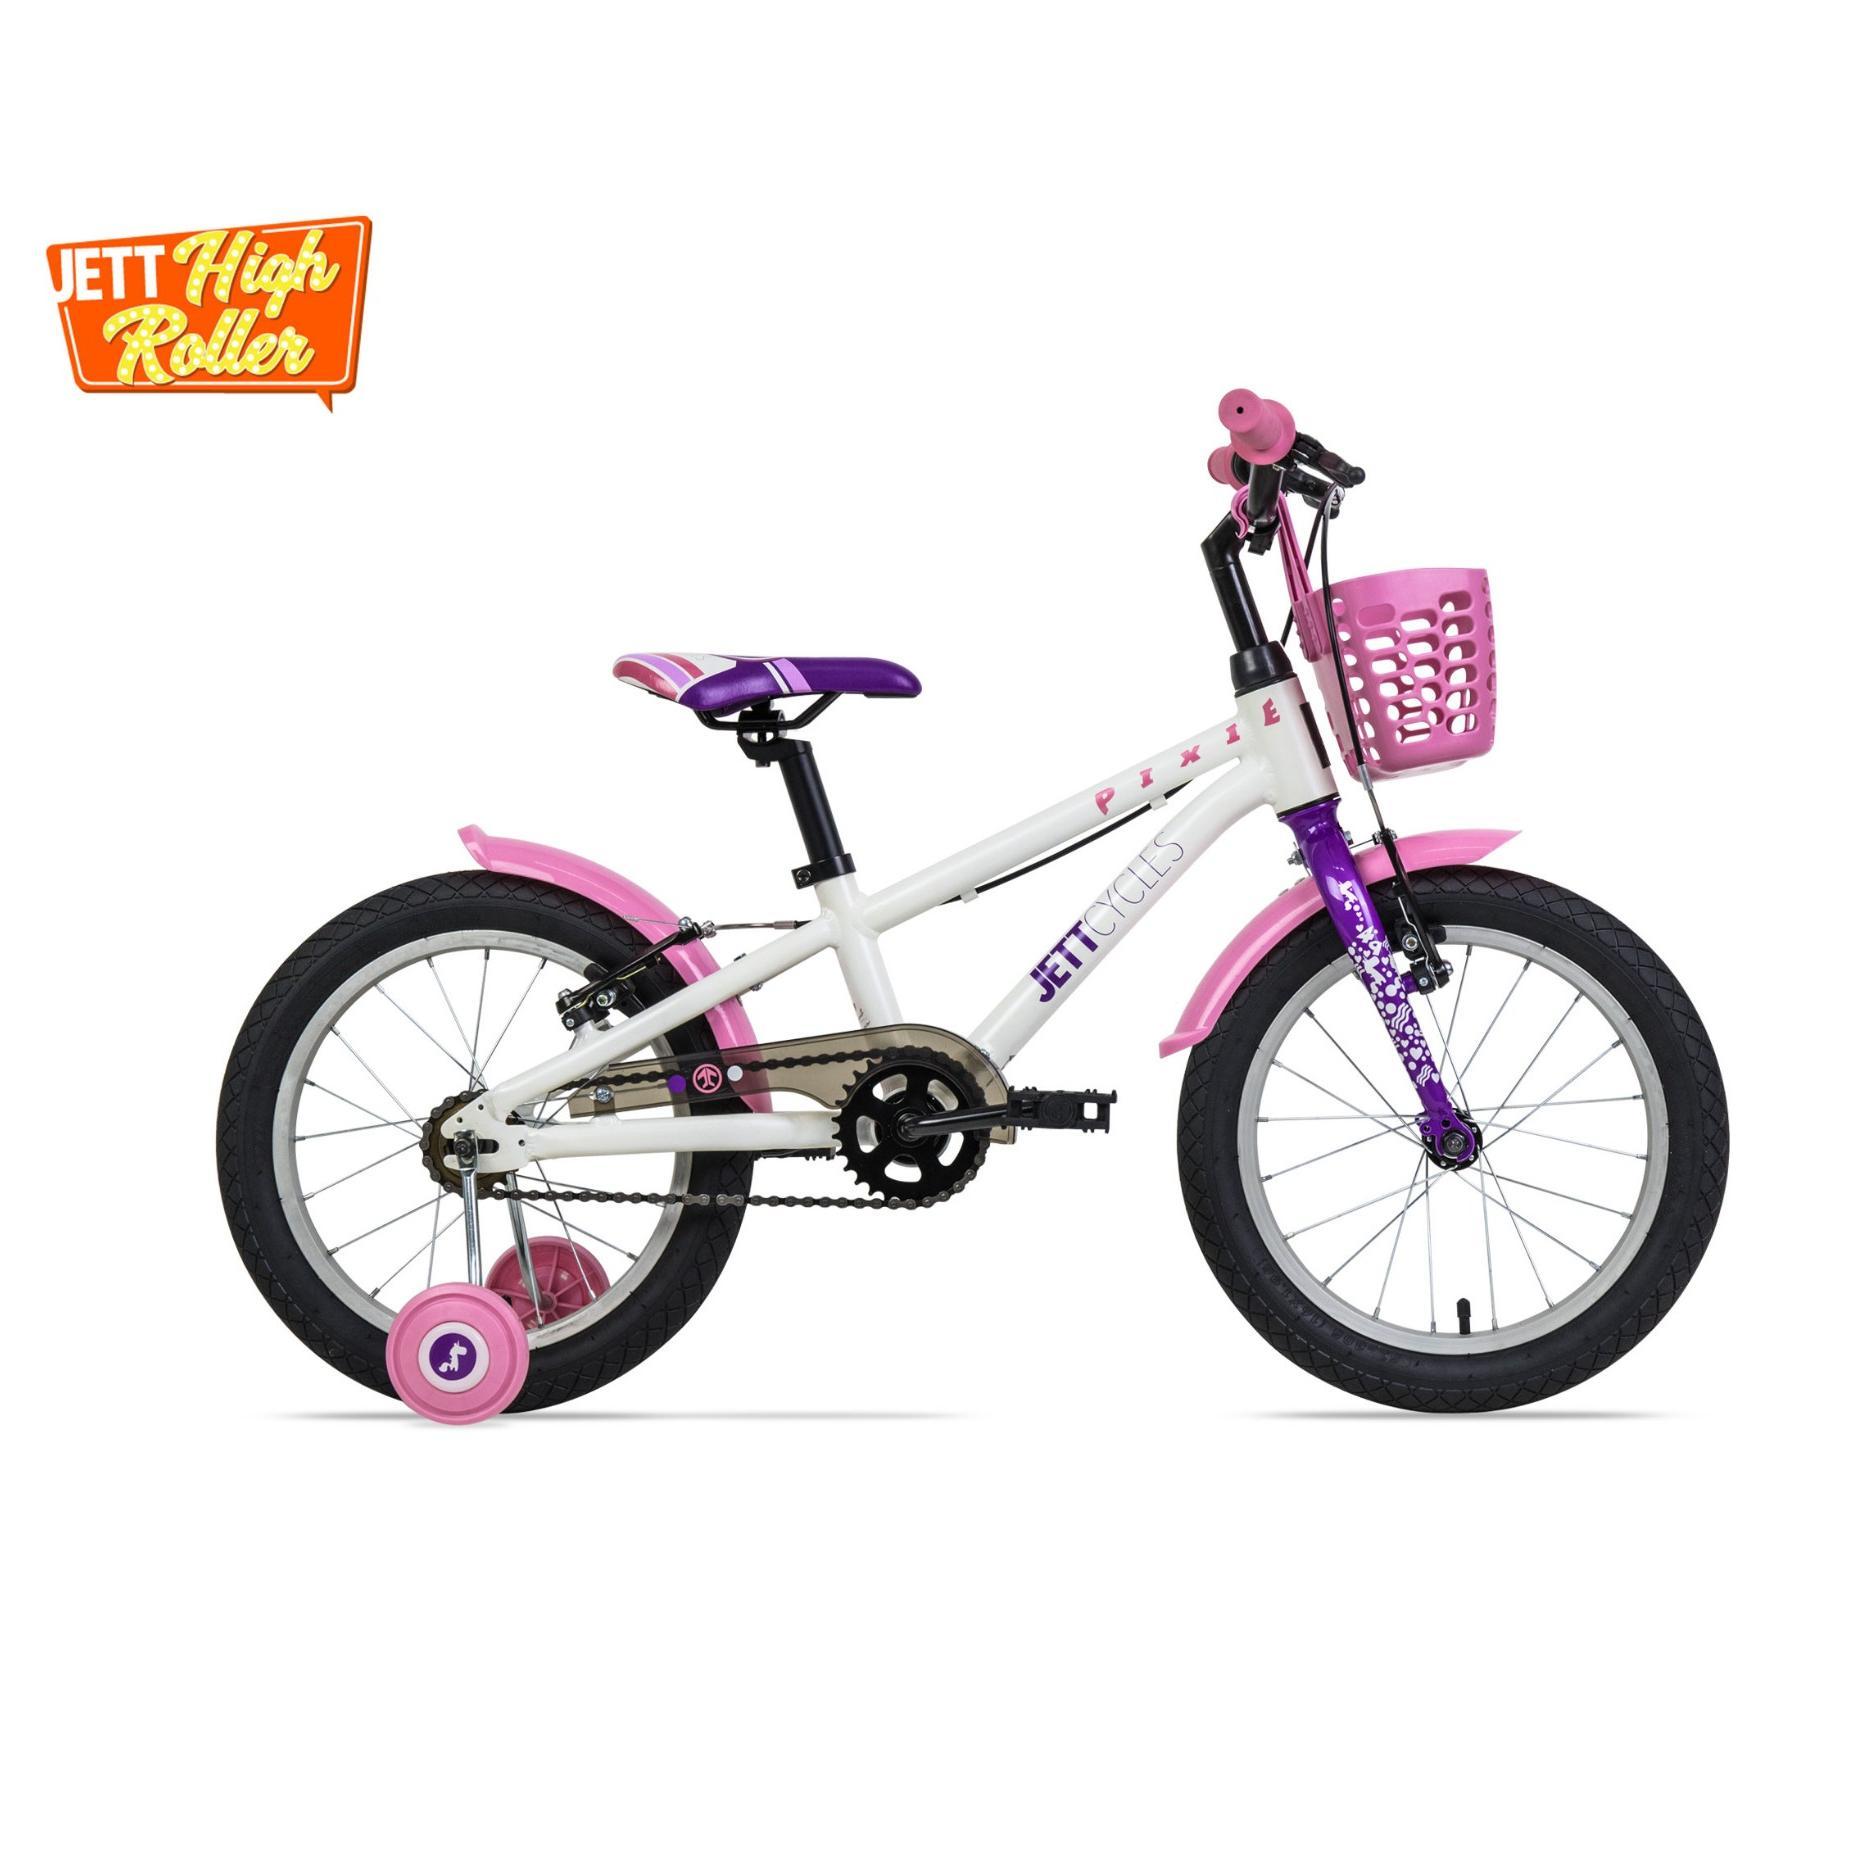 Xe đạp trẻ em Jett Cycles Pixie (màu trắng)